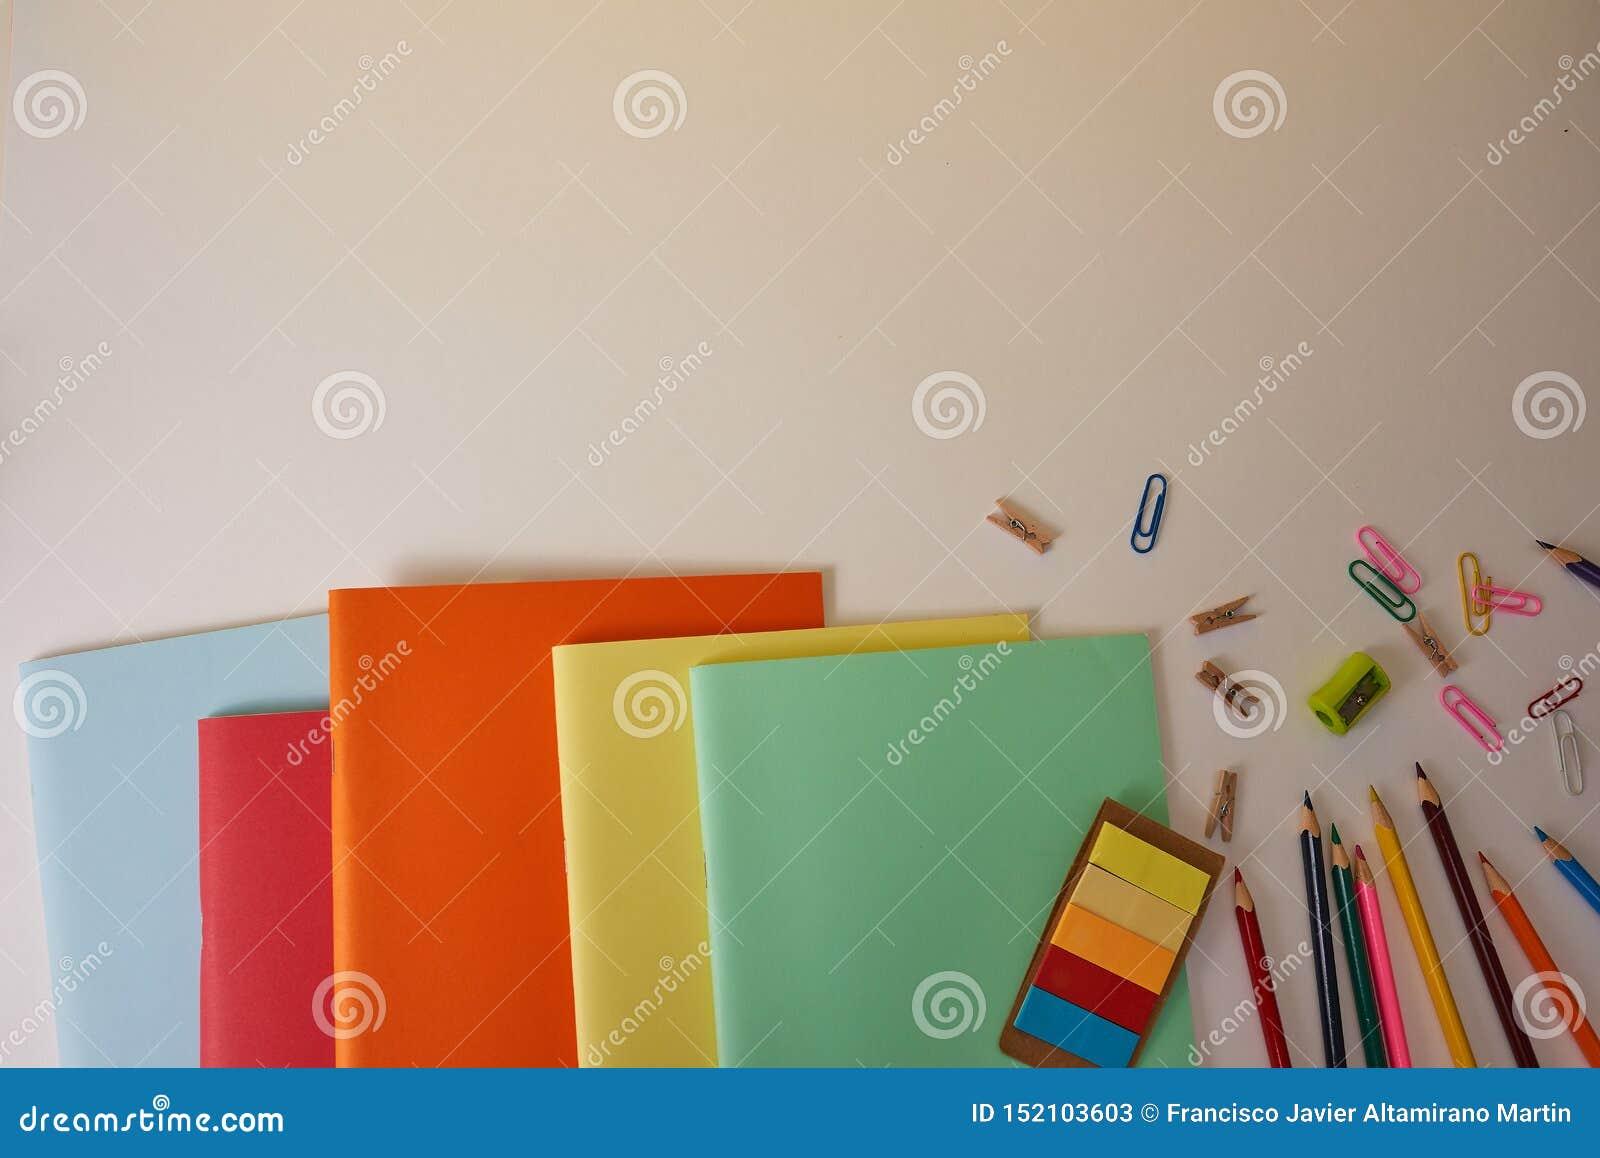 Schulbedarf mit bunten Bleistiften und Notizbüchern